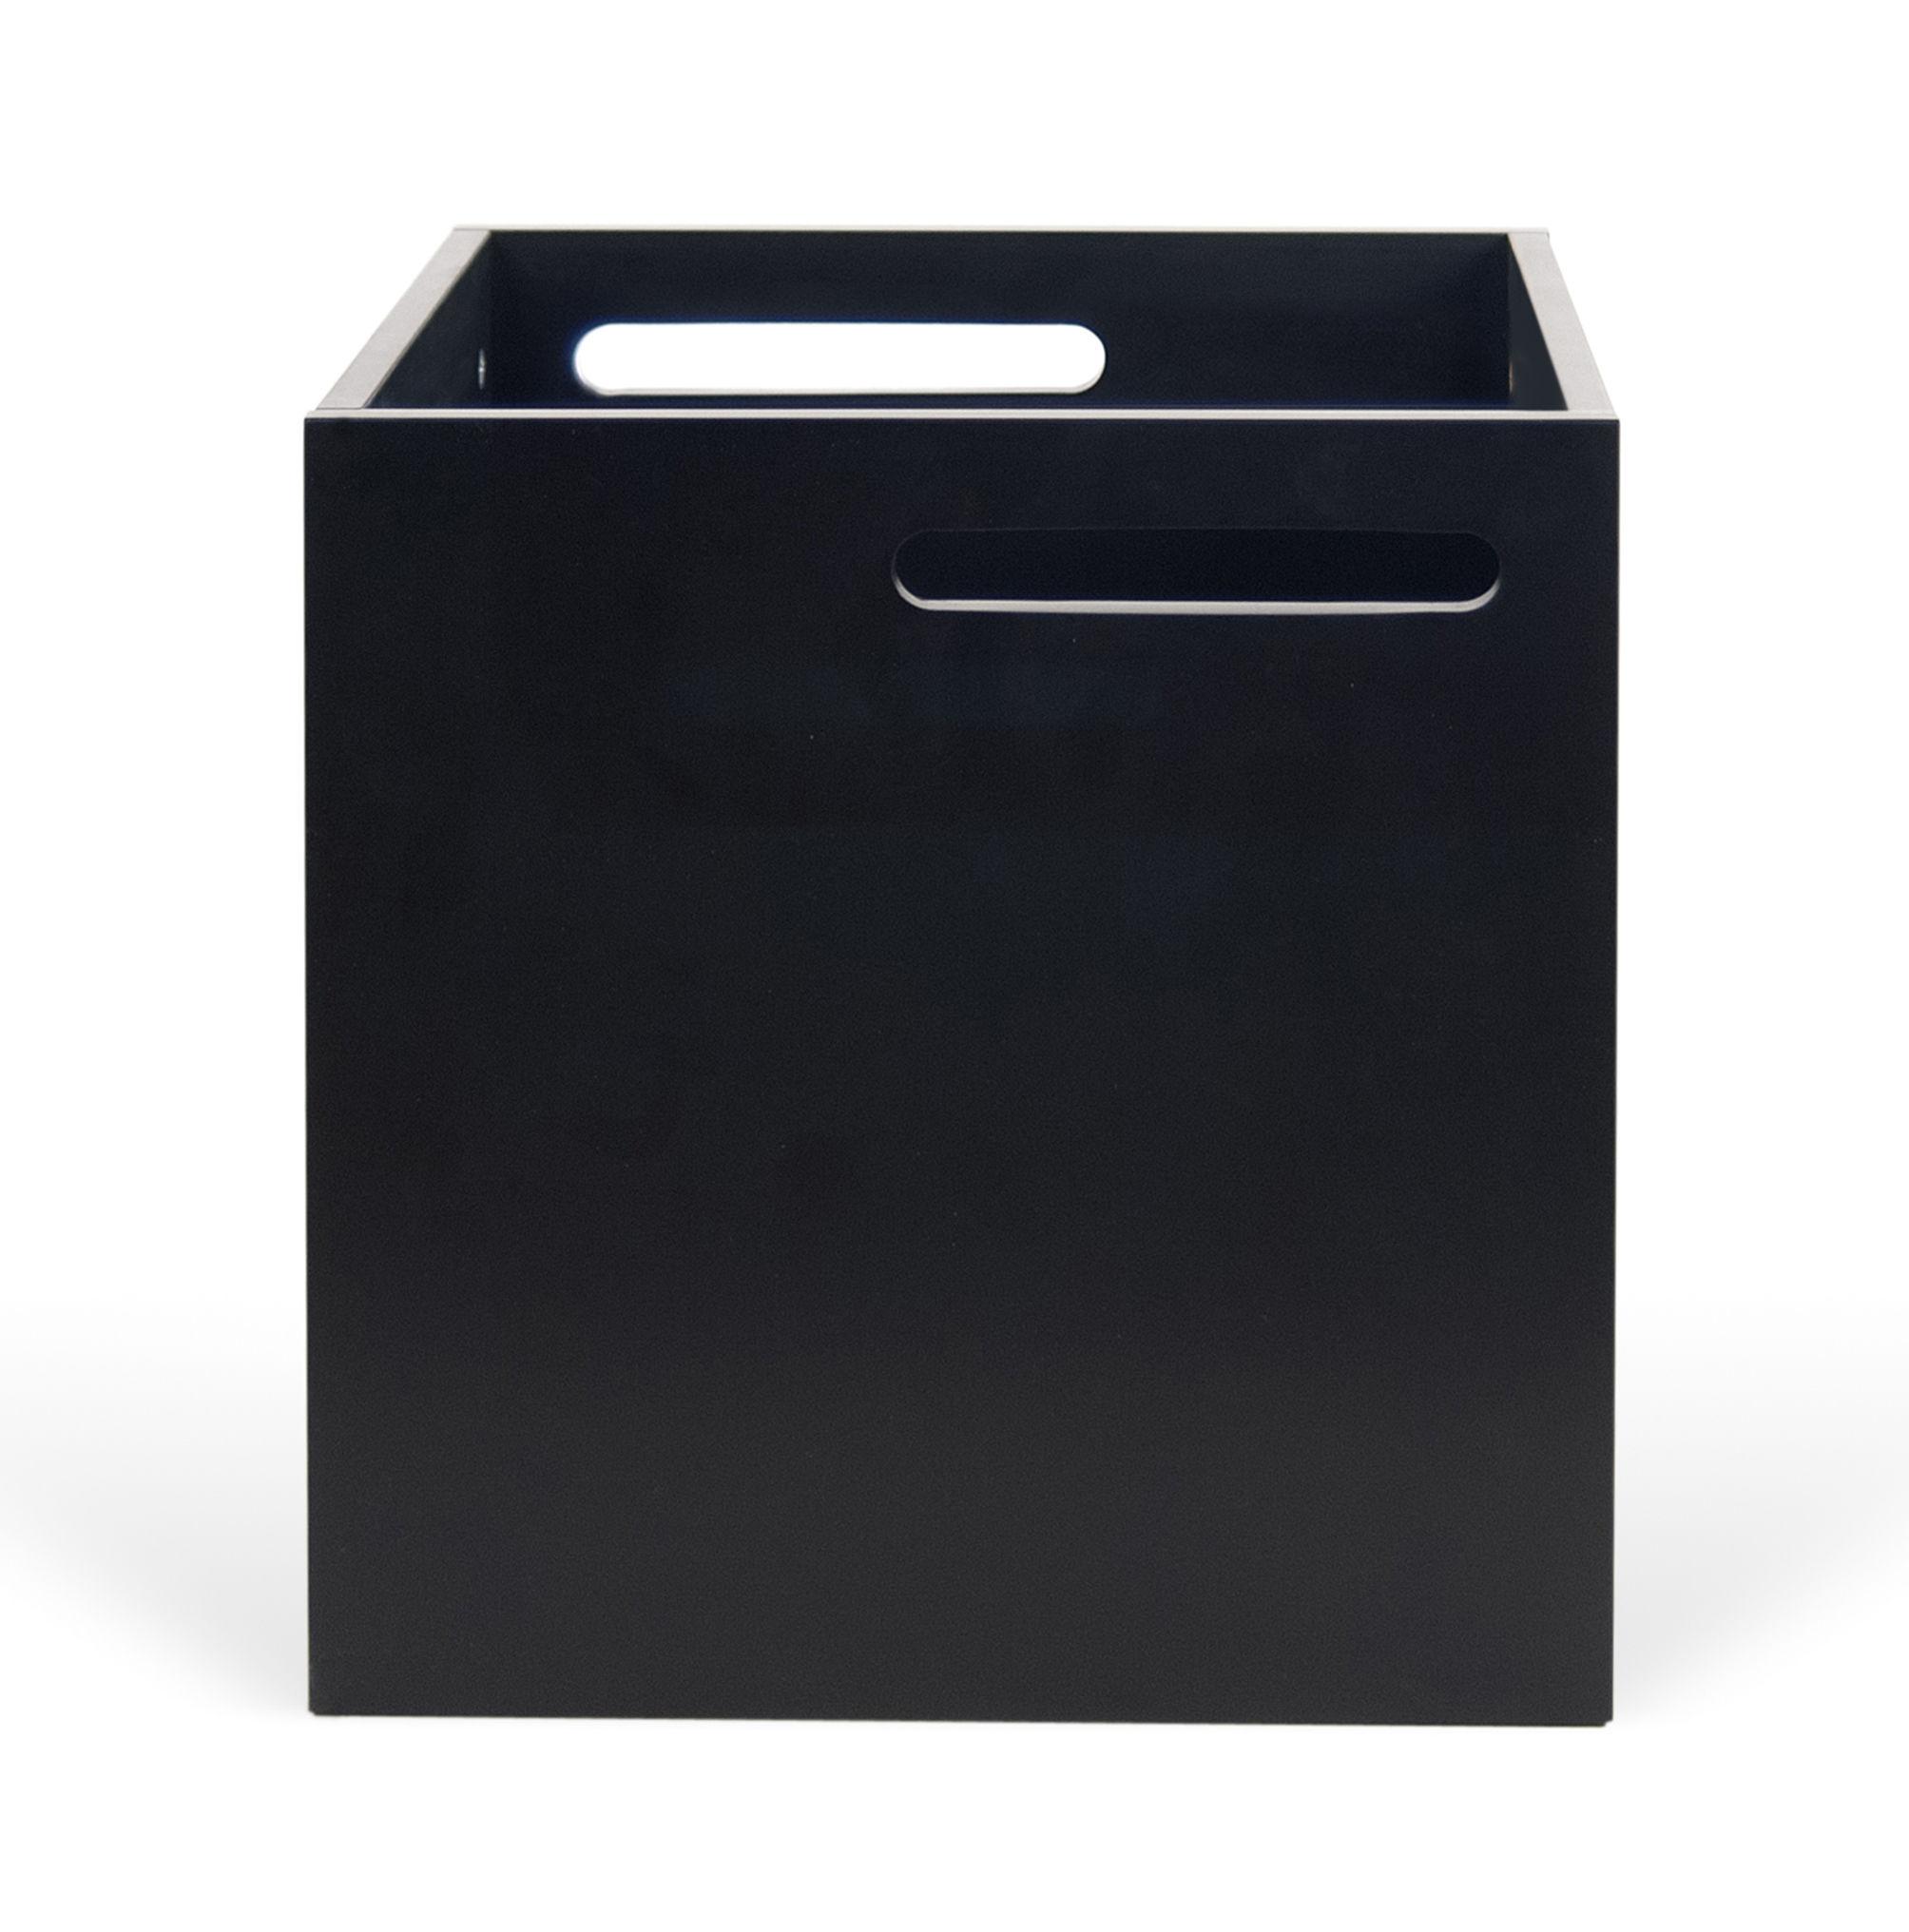 caisson pour biblioth que rotterdam noir pop up home. Black Bedroom Furniture Sets. Home Design Ideas